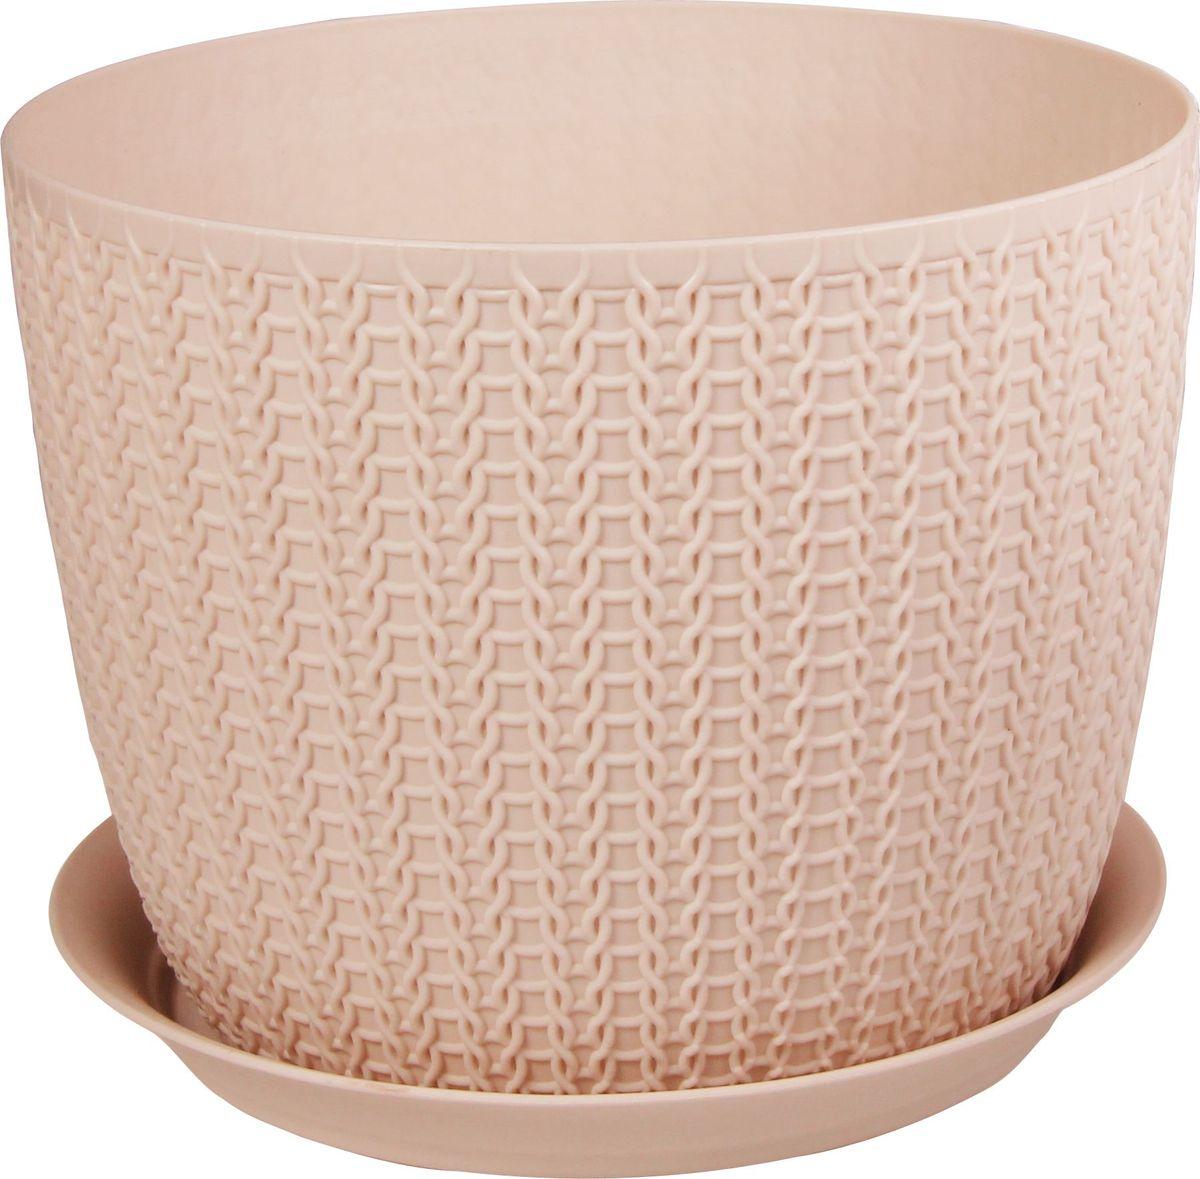 Кашпо Idea Вязание, с поддоном, цвет: чайная роза, диаметр 15,5 см кашпо для растений umbra кашпо для растений